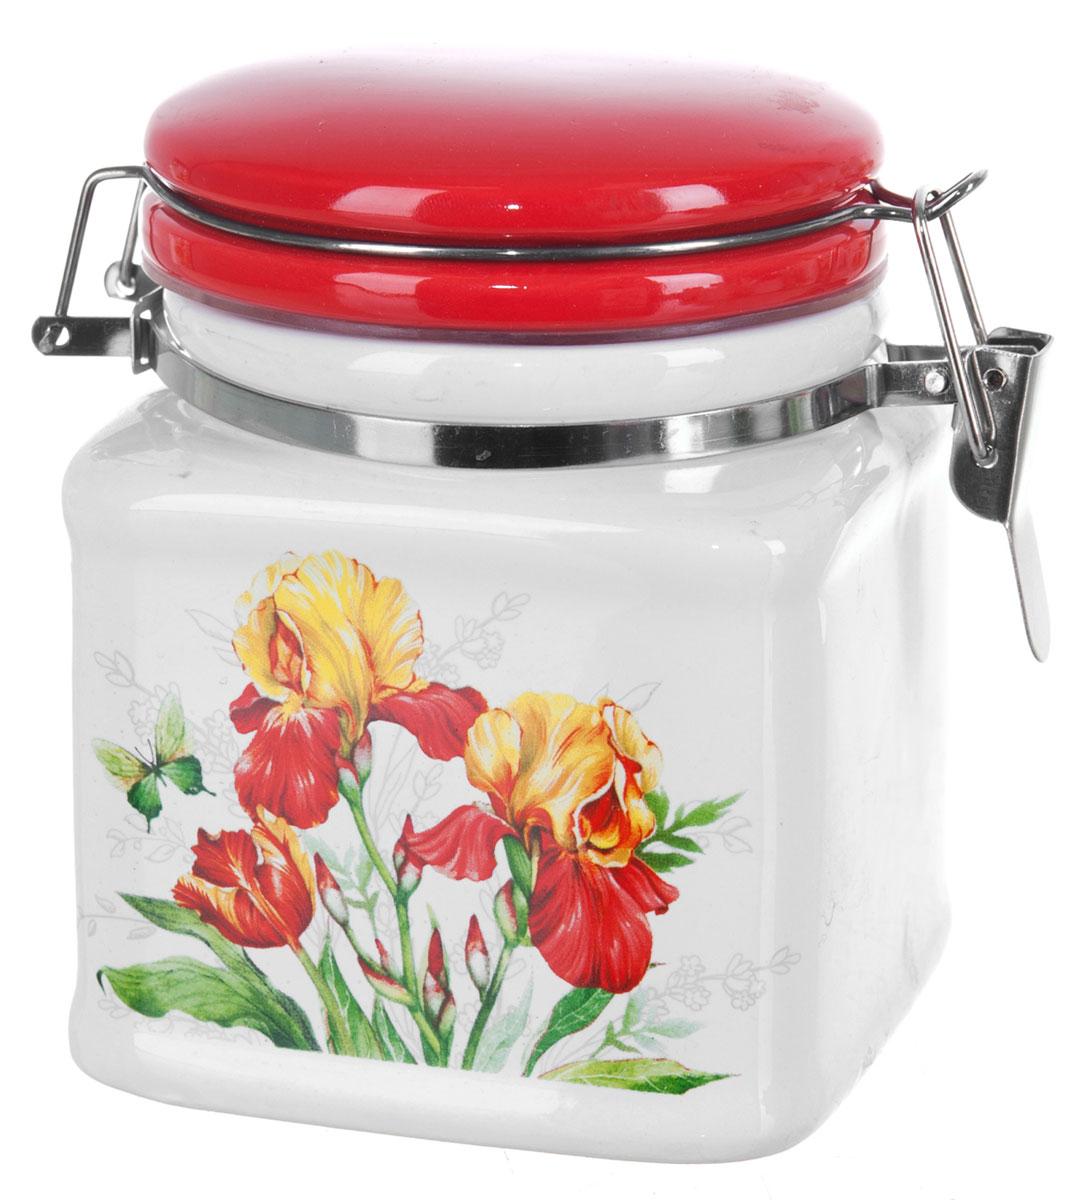 Банка для сыпучих продуктов Polystar Касатик, 450 мл банка для сыпучих продуктов polystar sweet home 850 мл